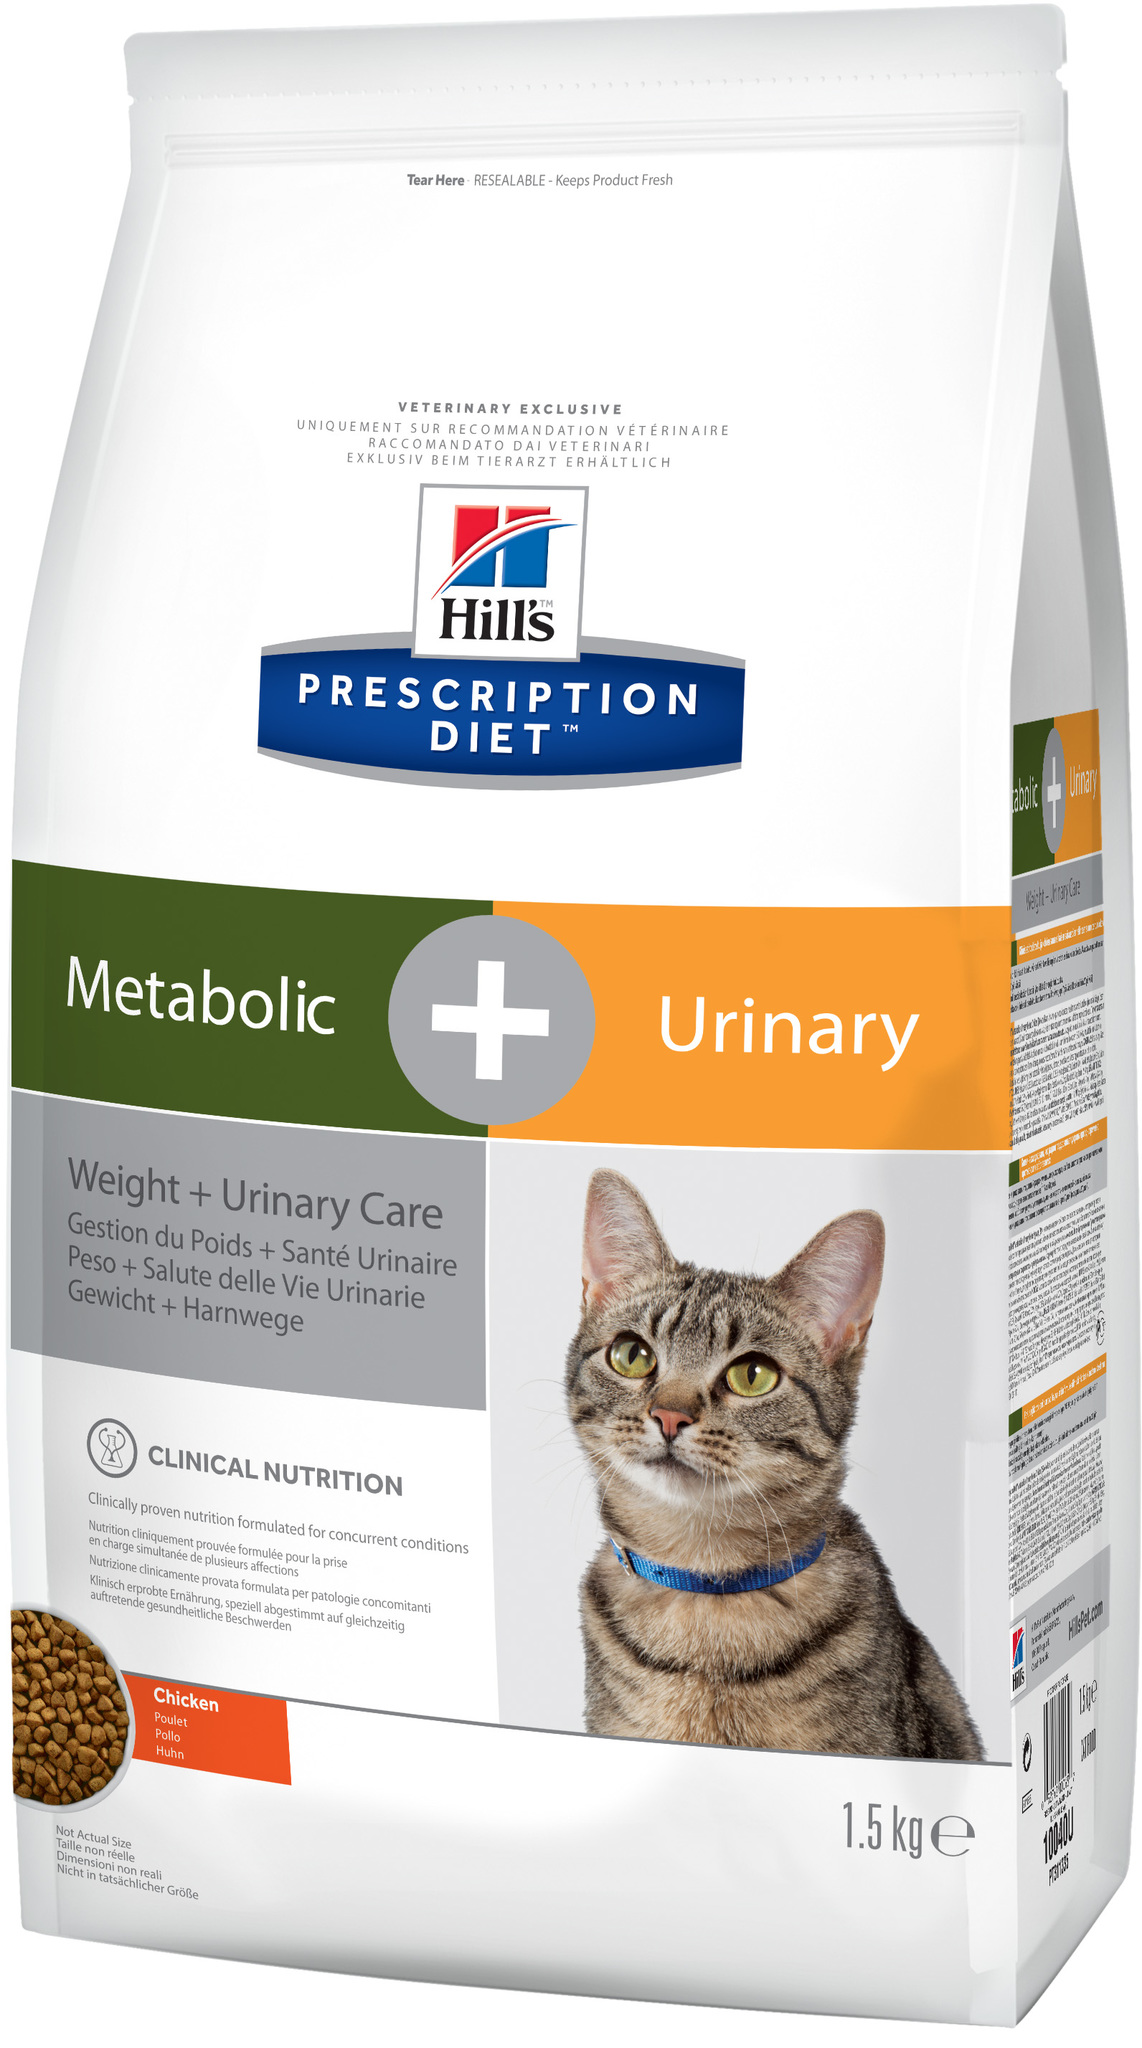 купить хиллс Hill's™ Prescription Diet™ Feline Metabolic + Urinary Care сухой корм для взрослых кошек, диетический рацион для коррекции веса + урология состав, белки